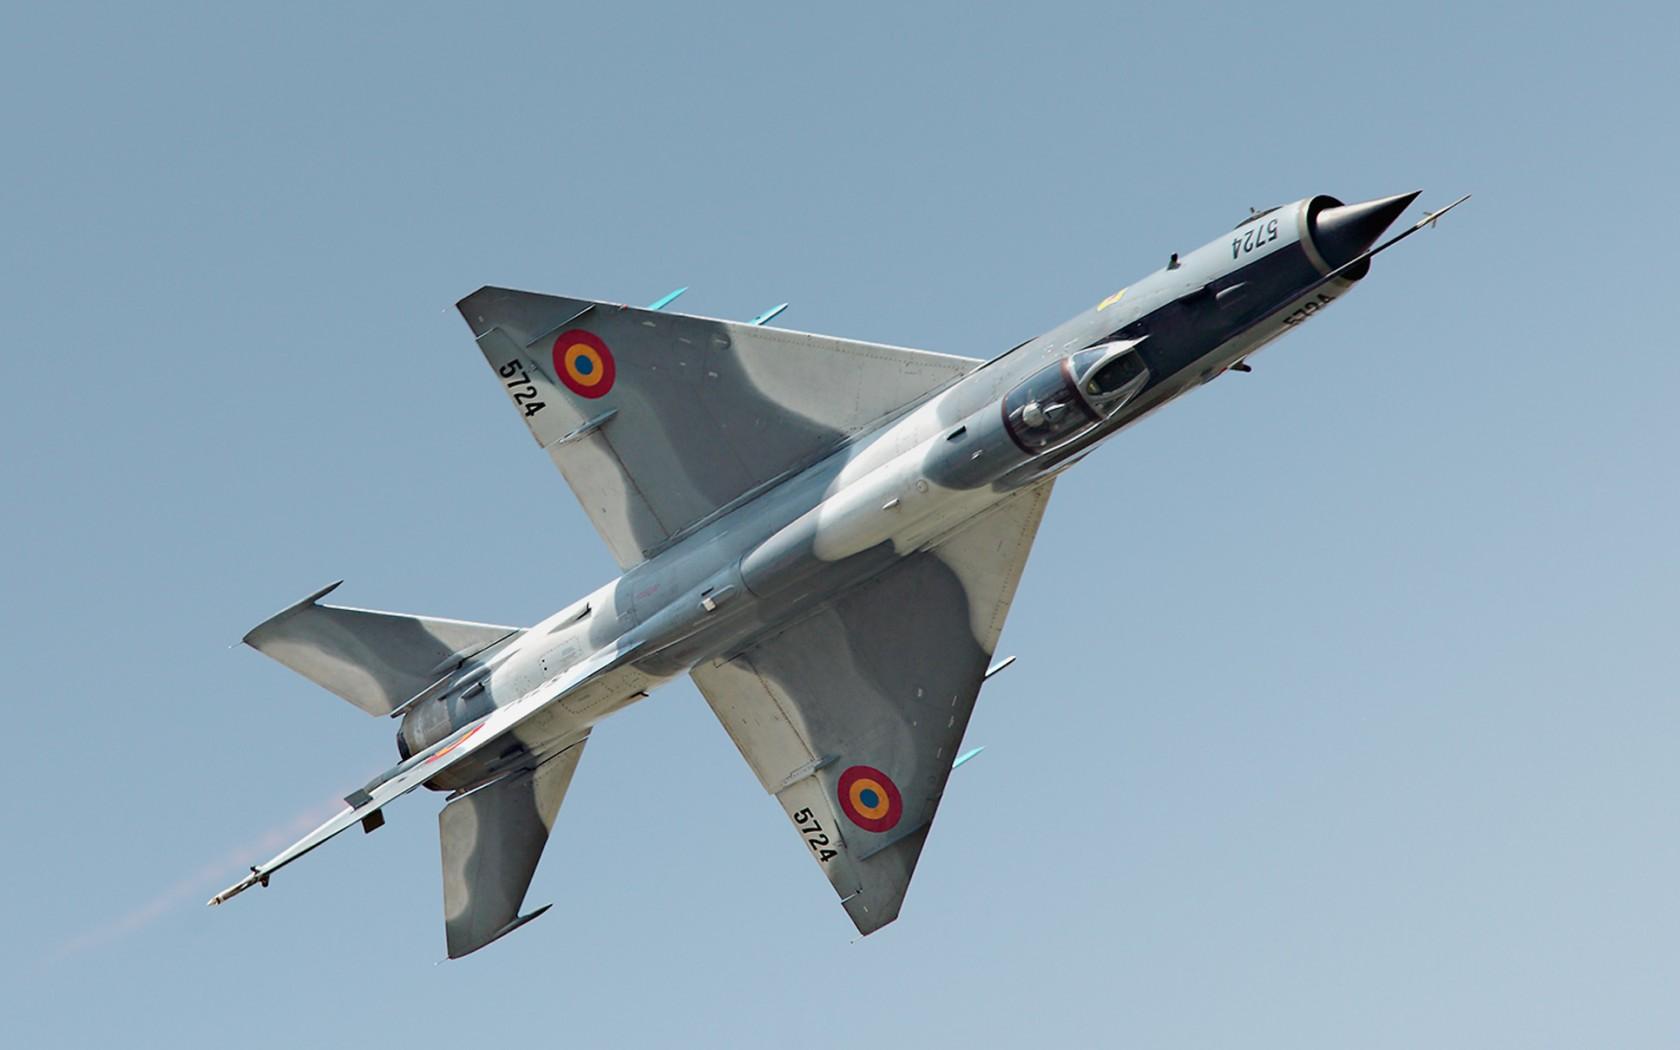 МиГ-21 один из самых знаменитых истребителей А. И. Микояна